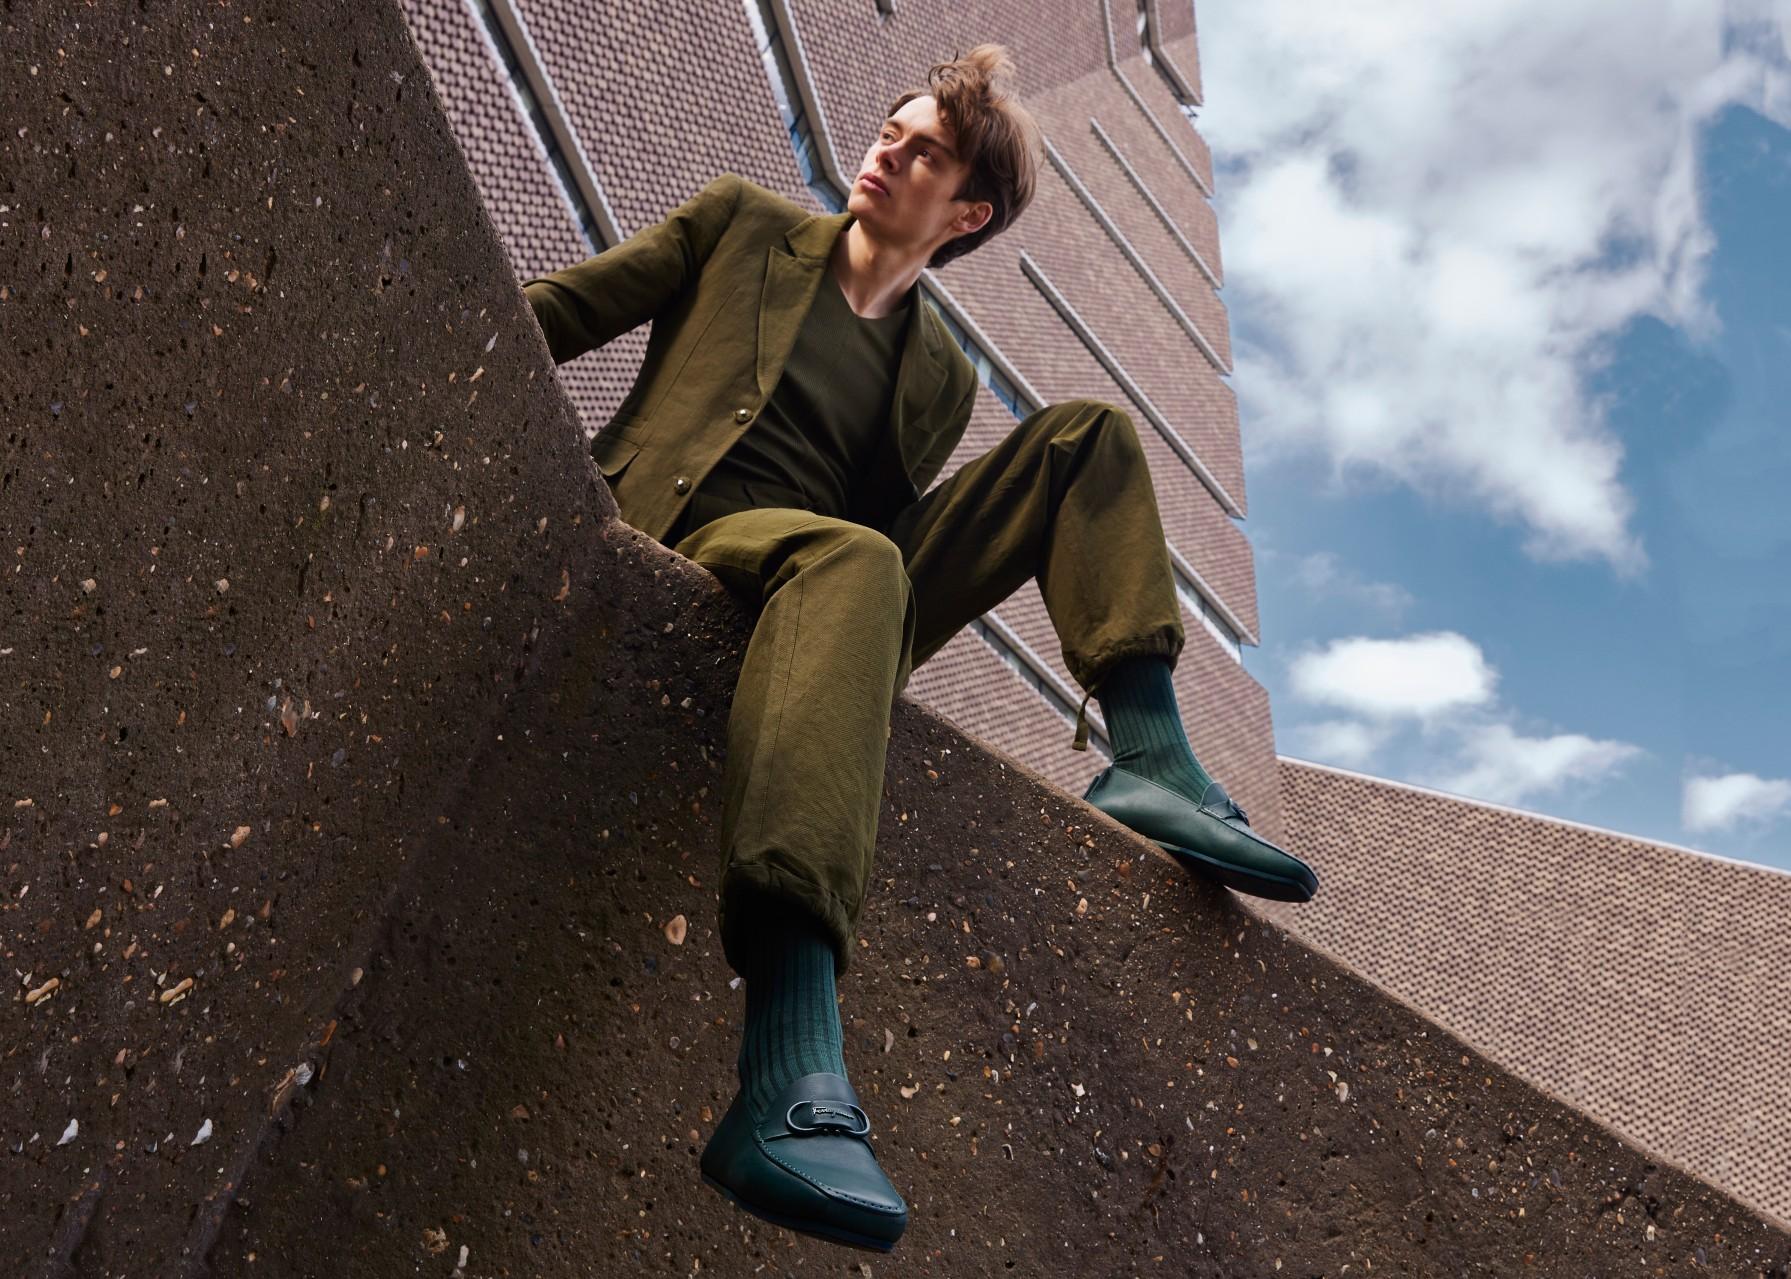 Danish model Mathias le Fèvre